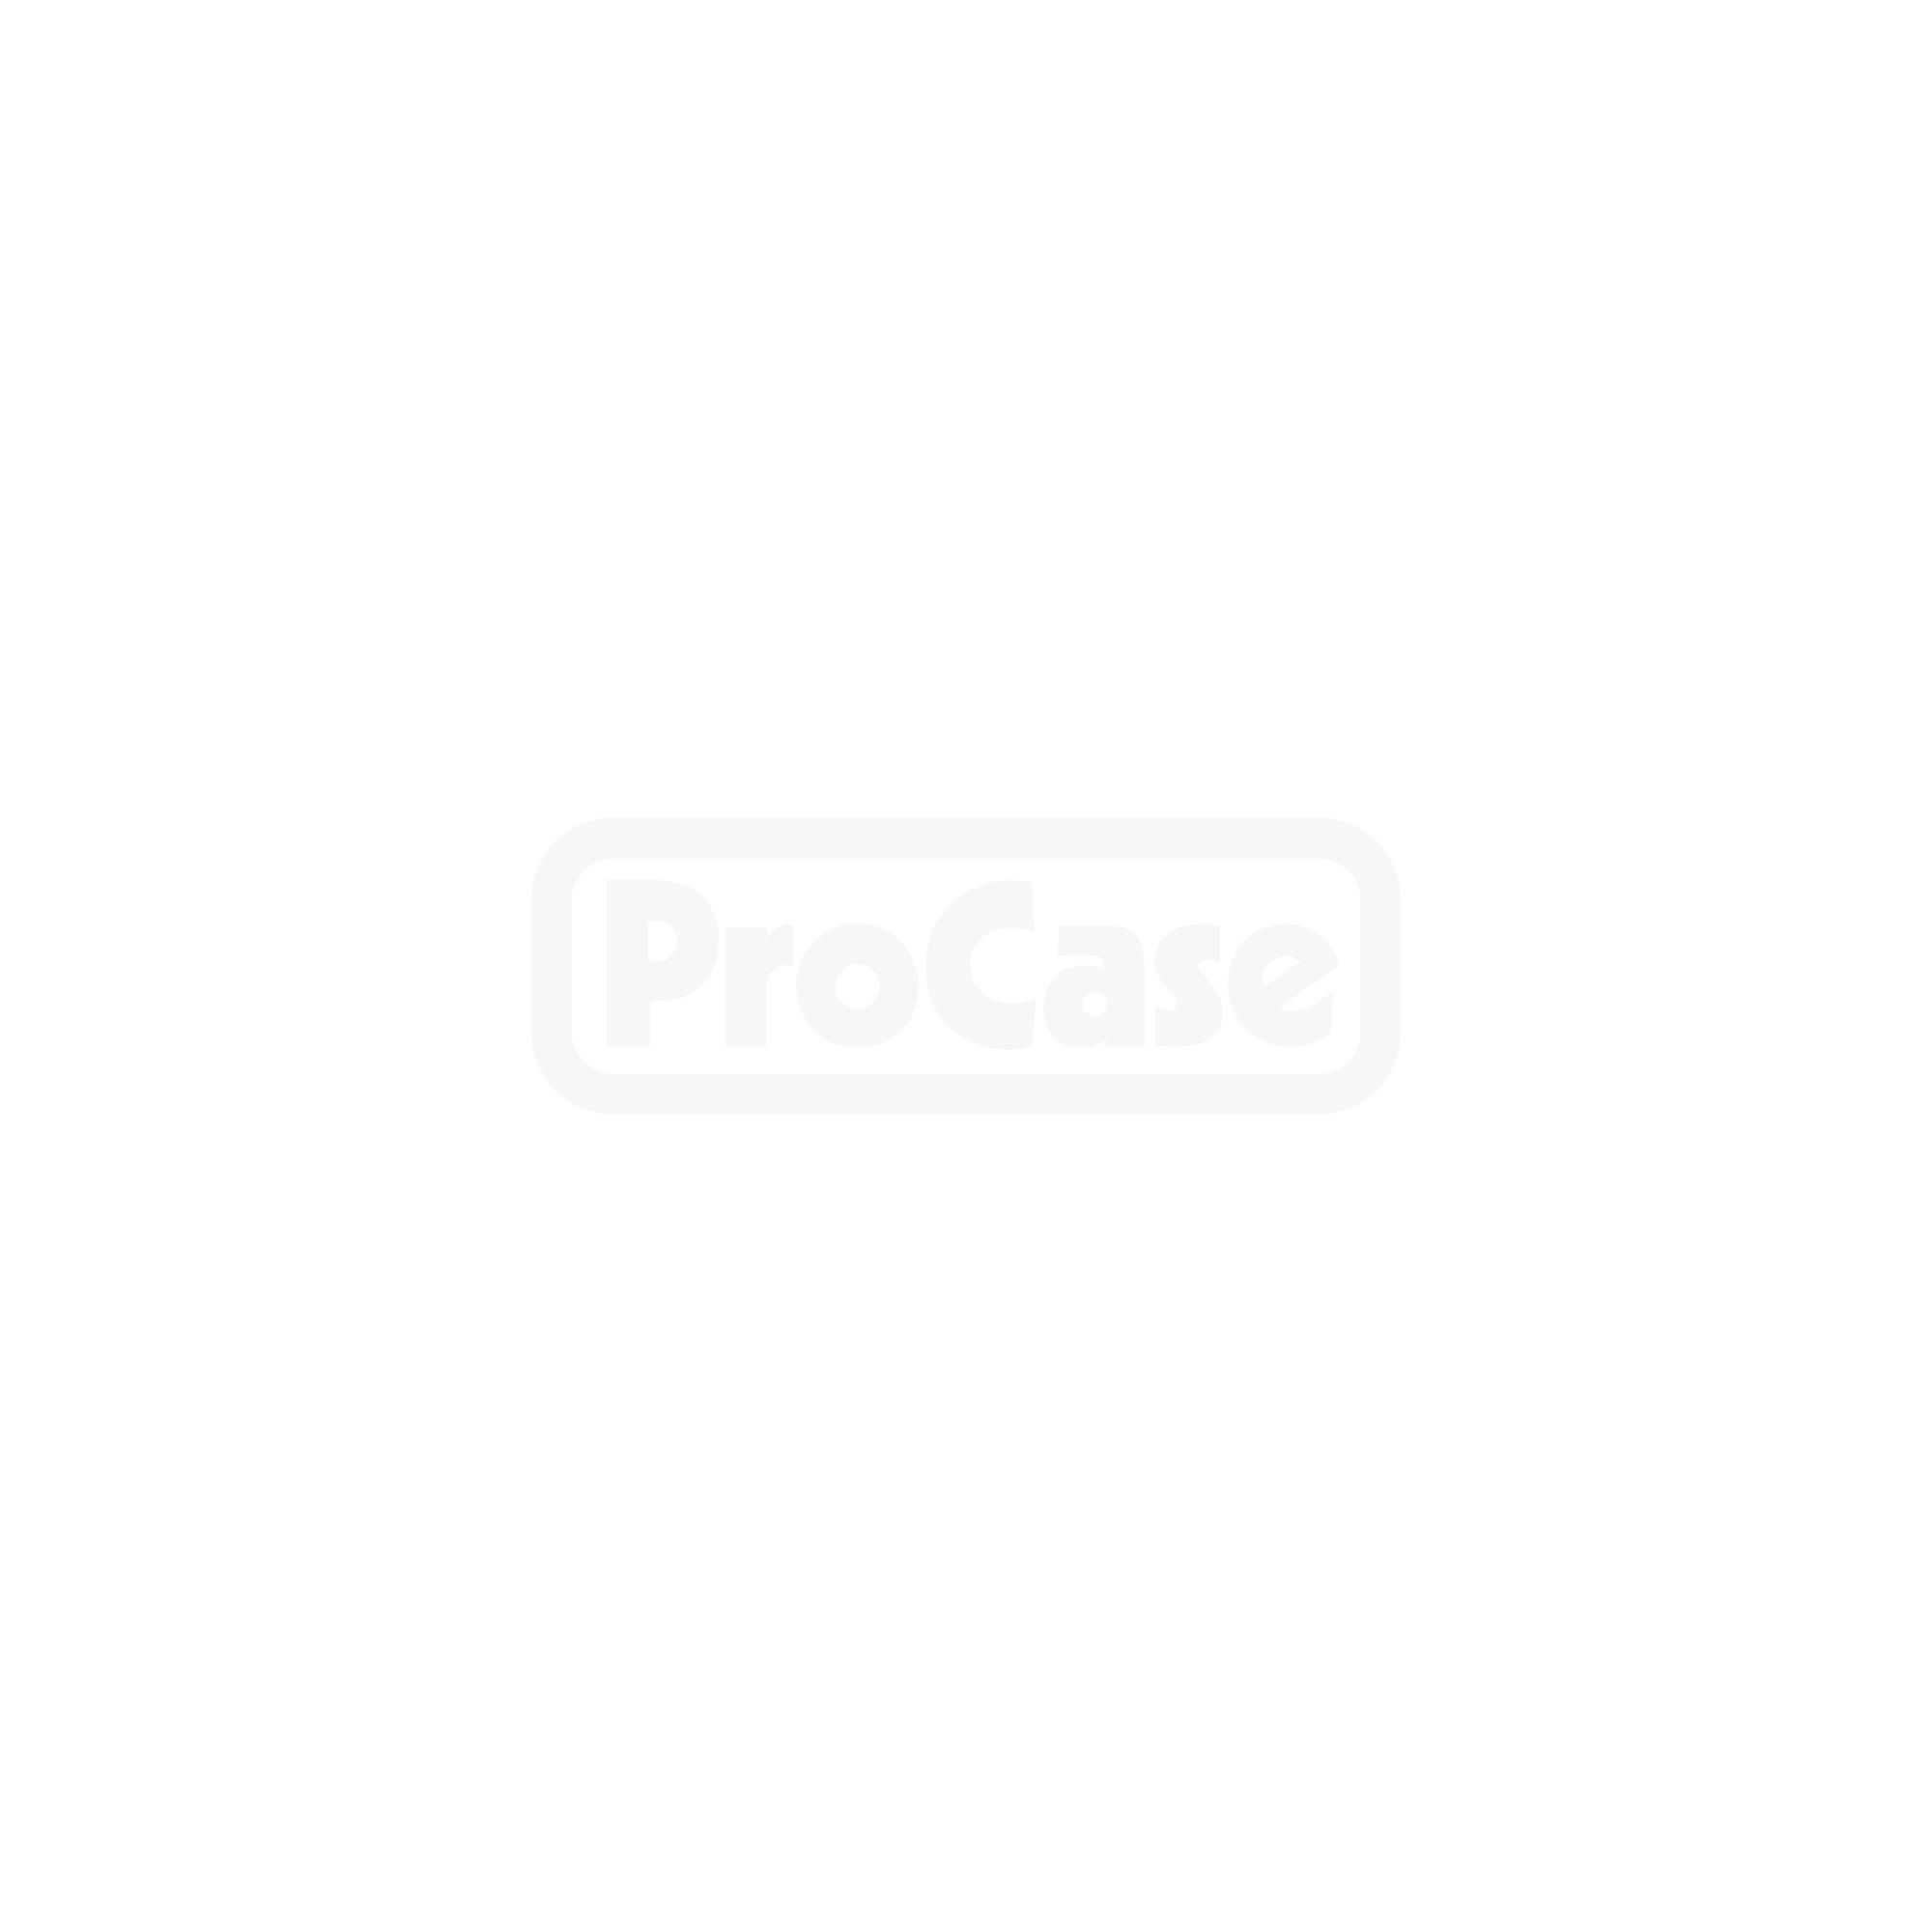 Flipcase für Allen&Heath dLive S7000